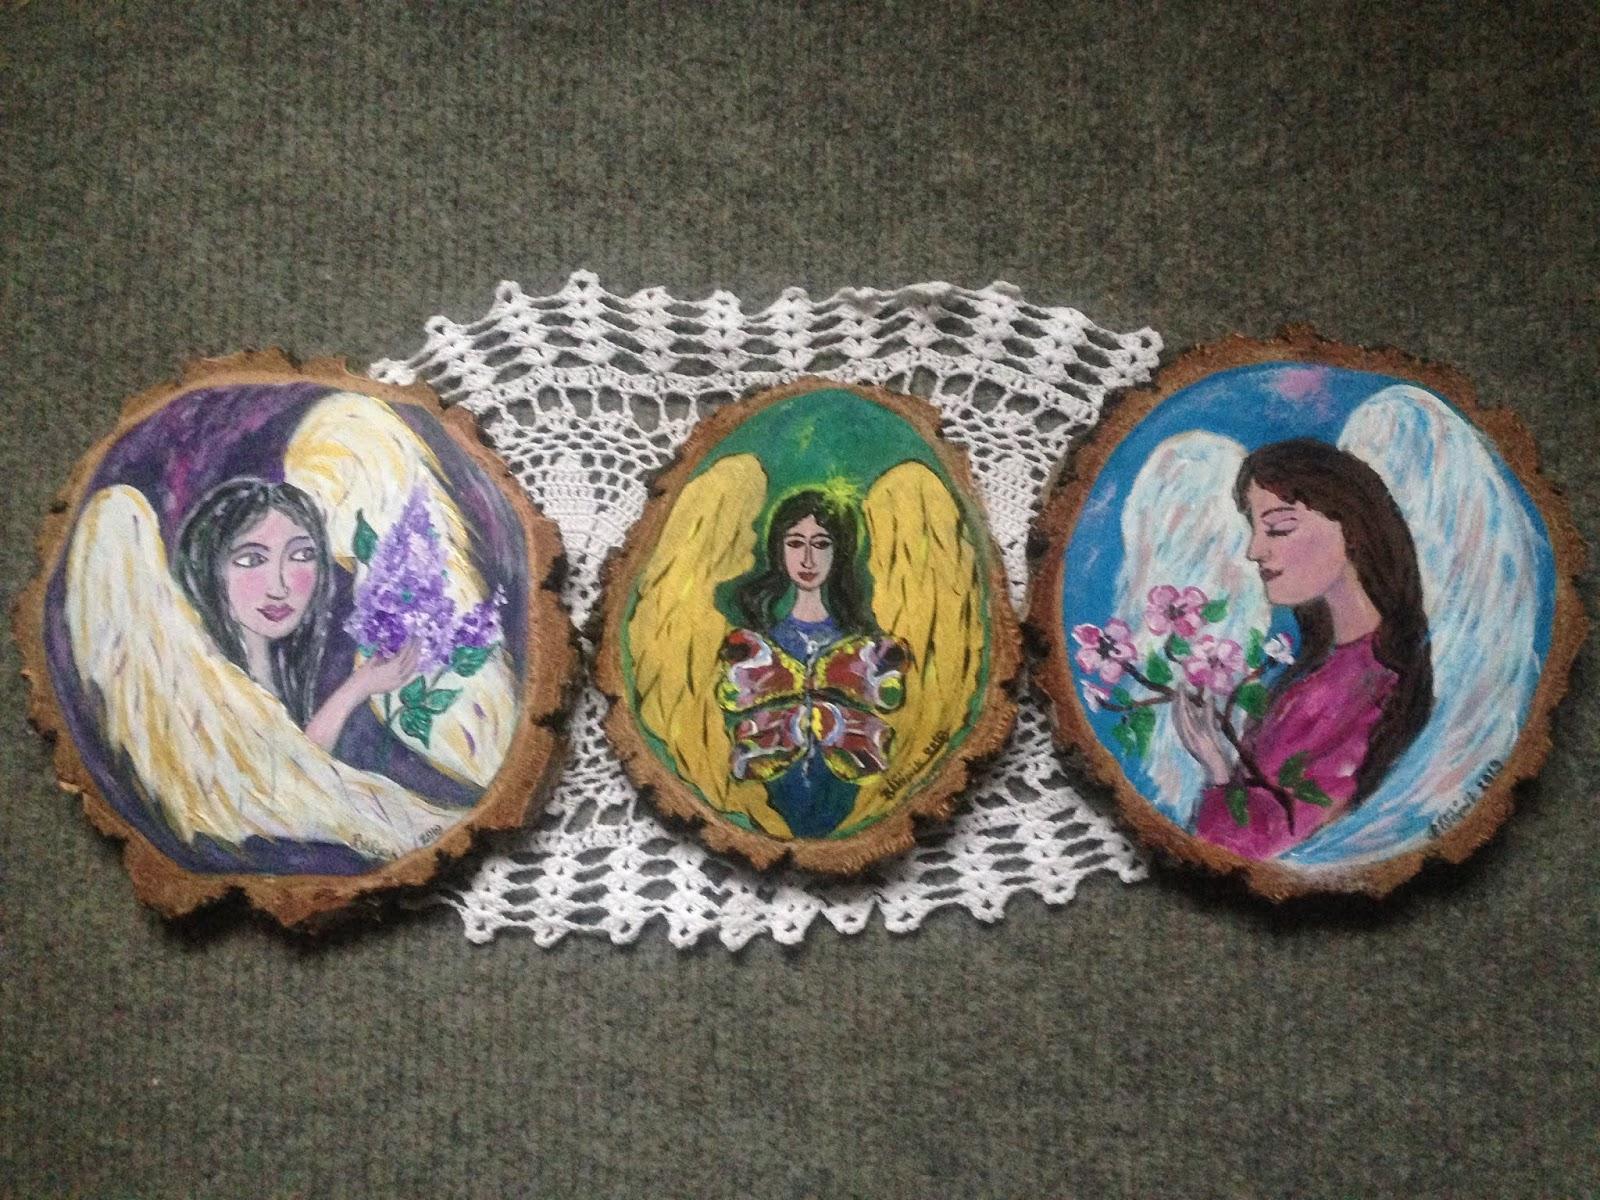 Candy z aniołami u Basi